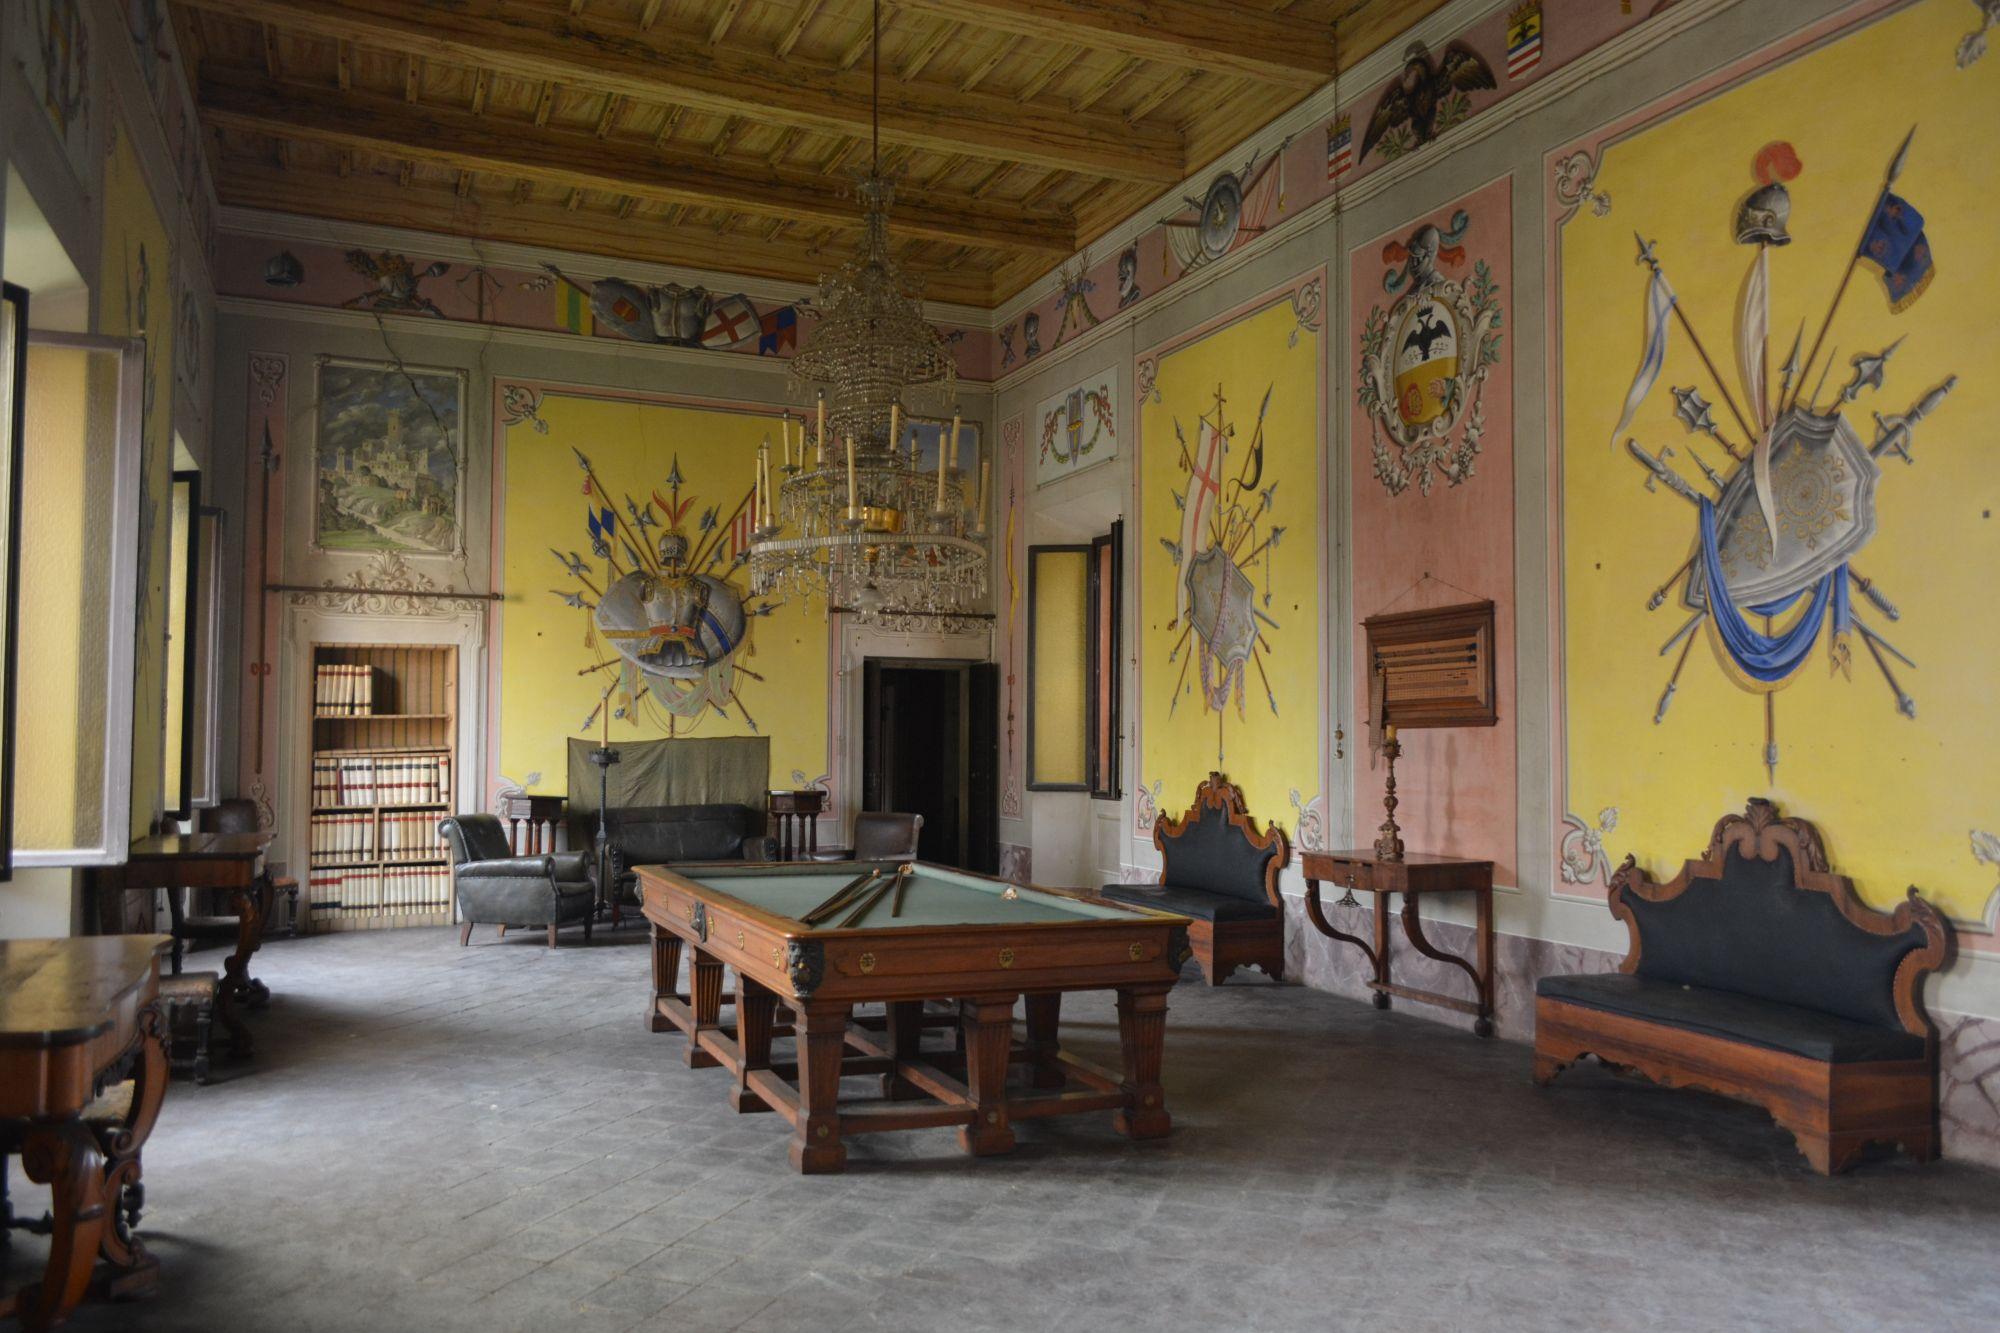 Apertura Straordinaria - Visite Guidate all'interno del Castello - IN AGGIORNAMENTO